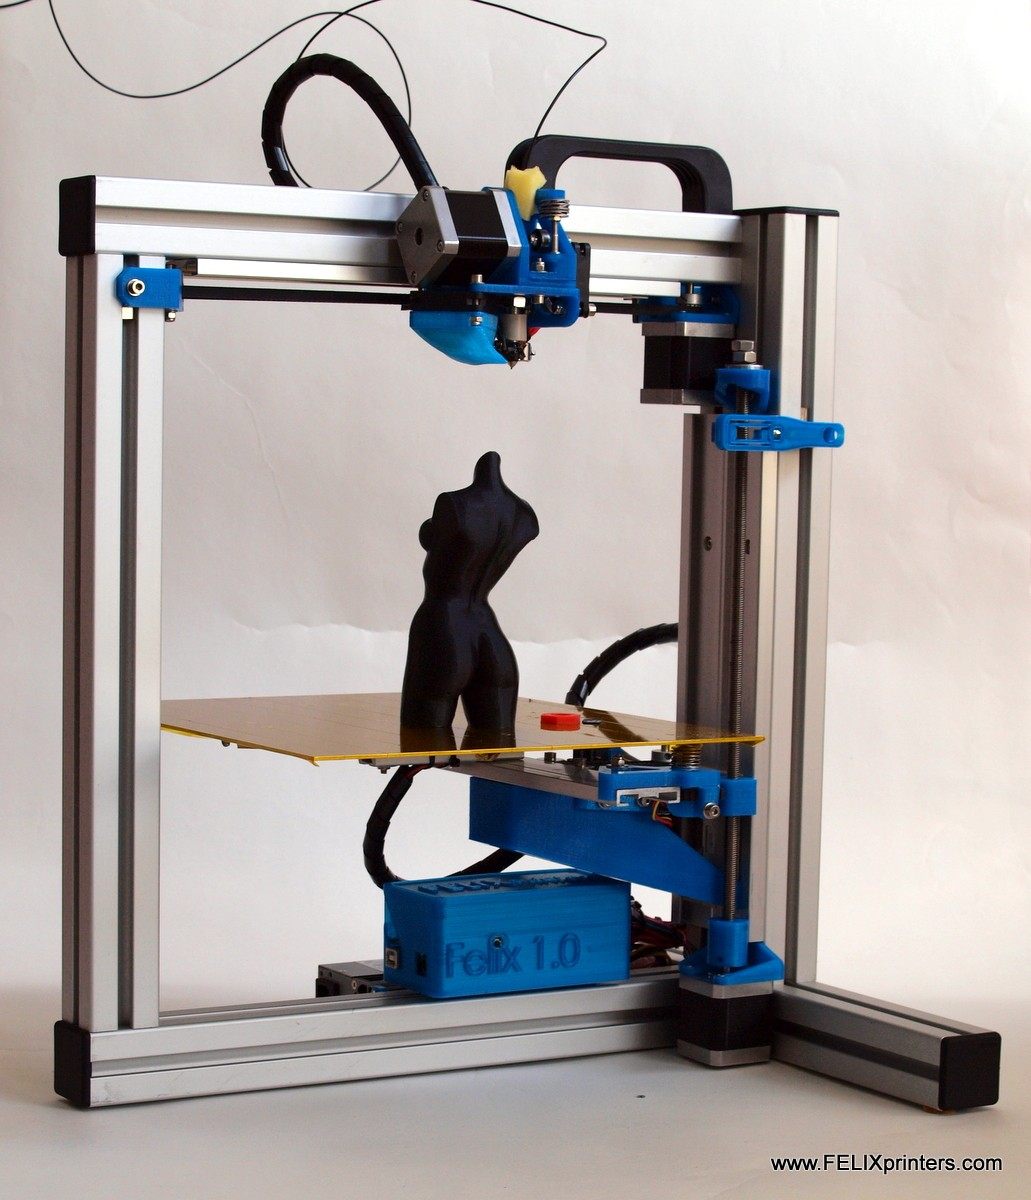 Impresoras 3d noviembre 2012 for Videos de impresoras 3d